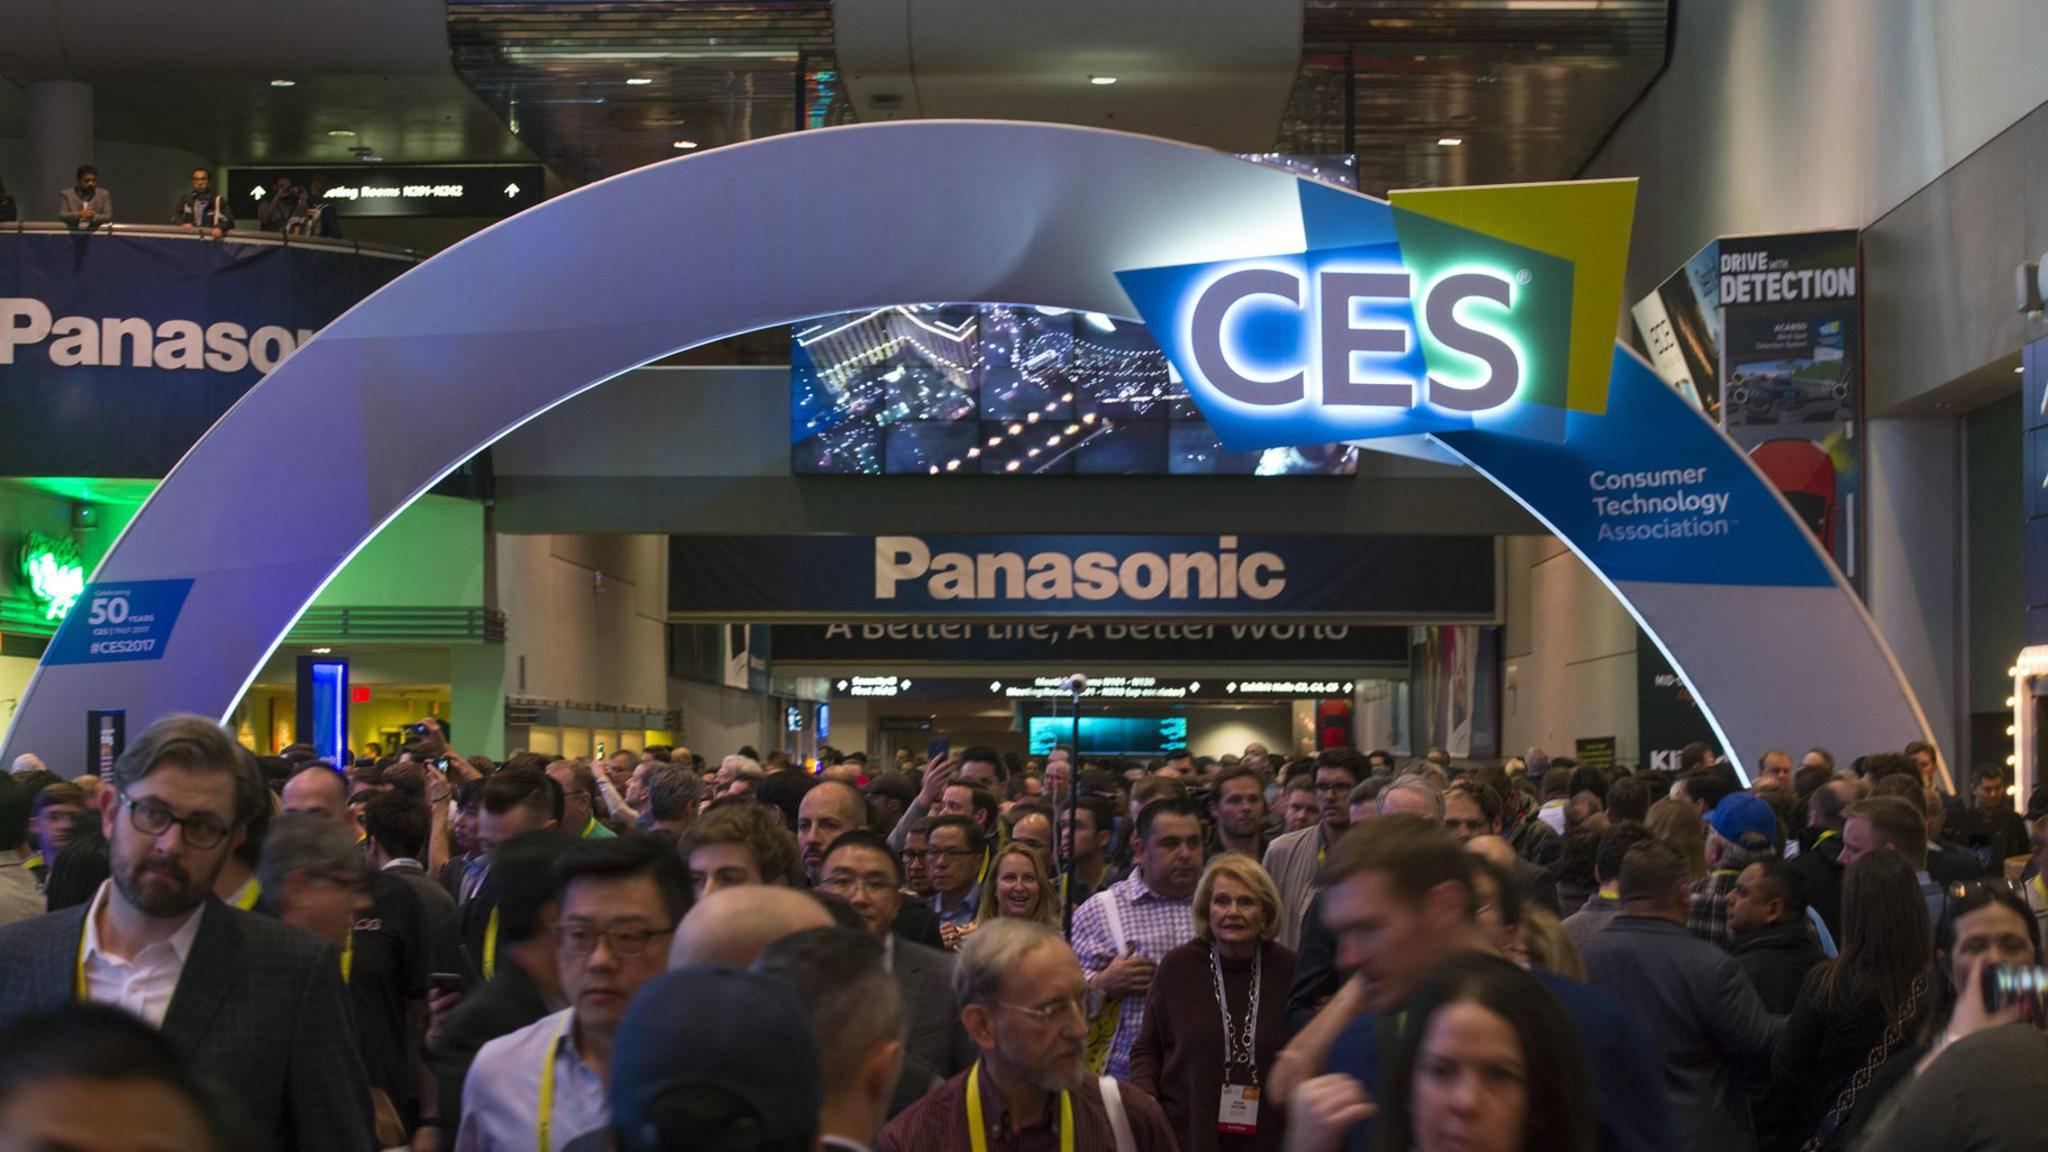 Auch auf der CES 2019 werden spannende Technik-Innovationen vorgestellt.